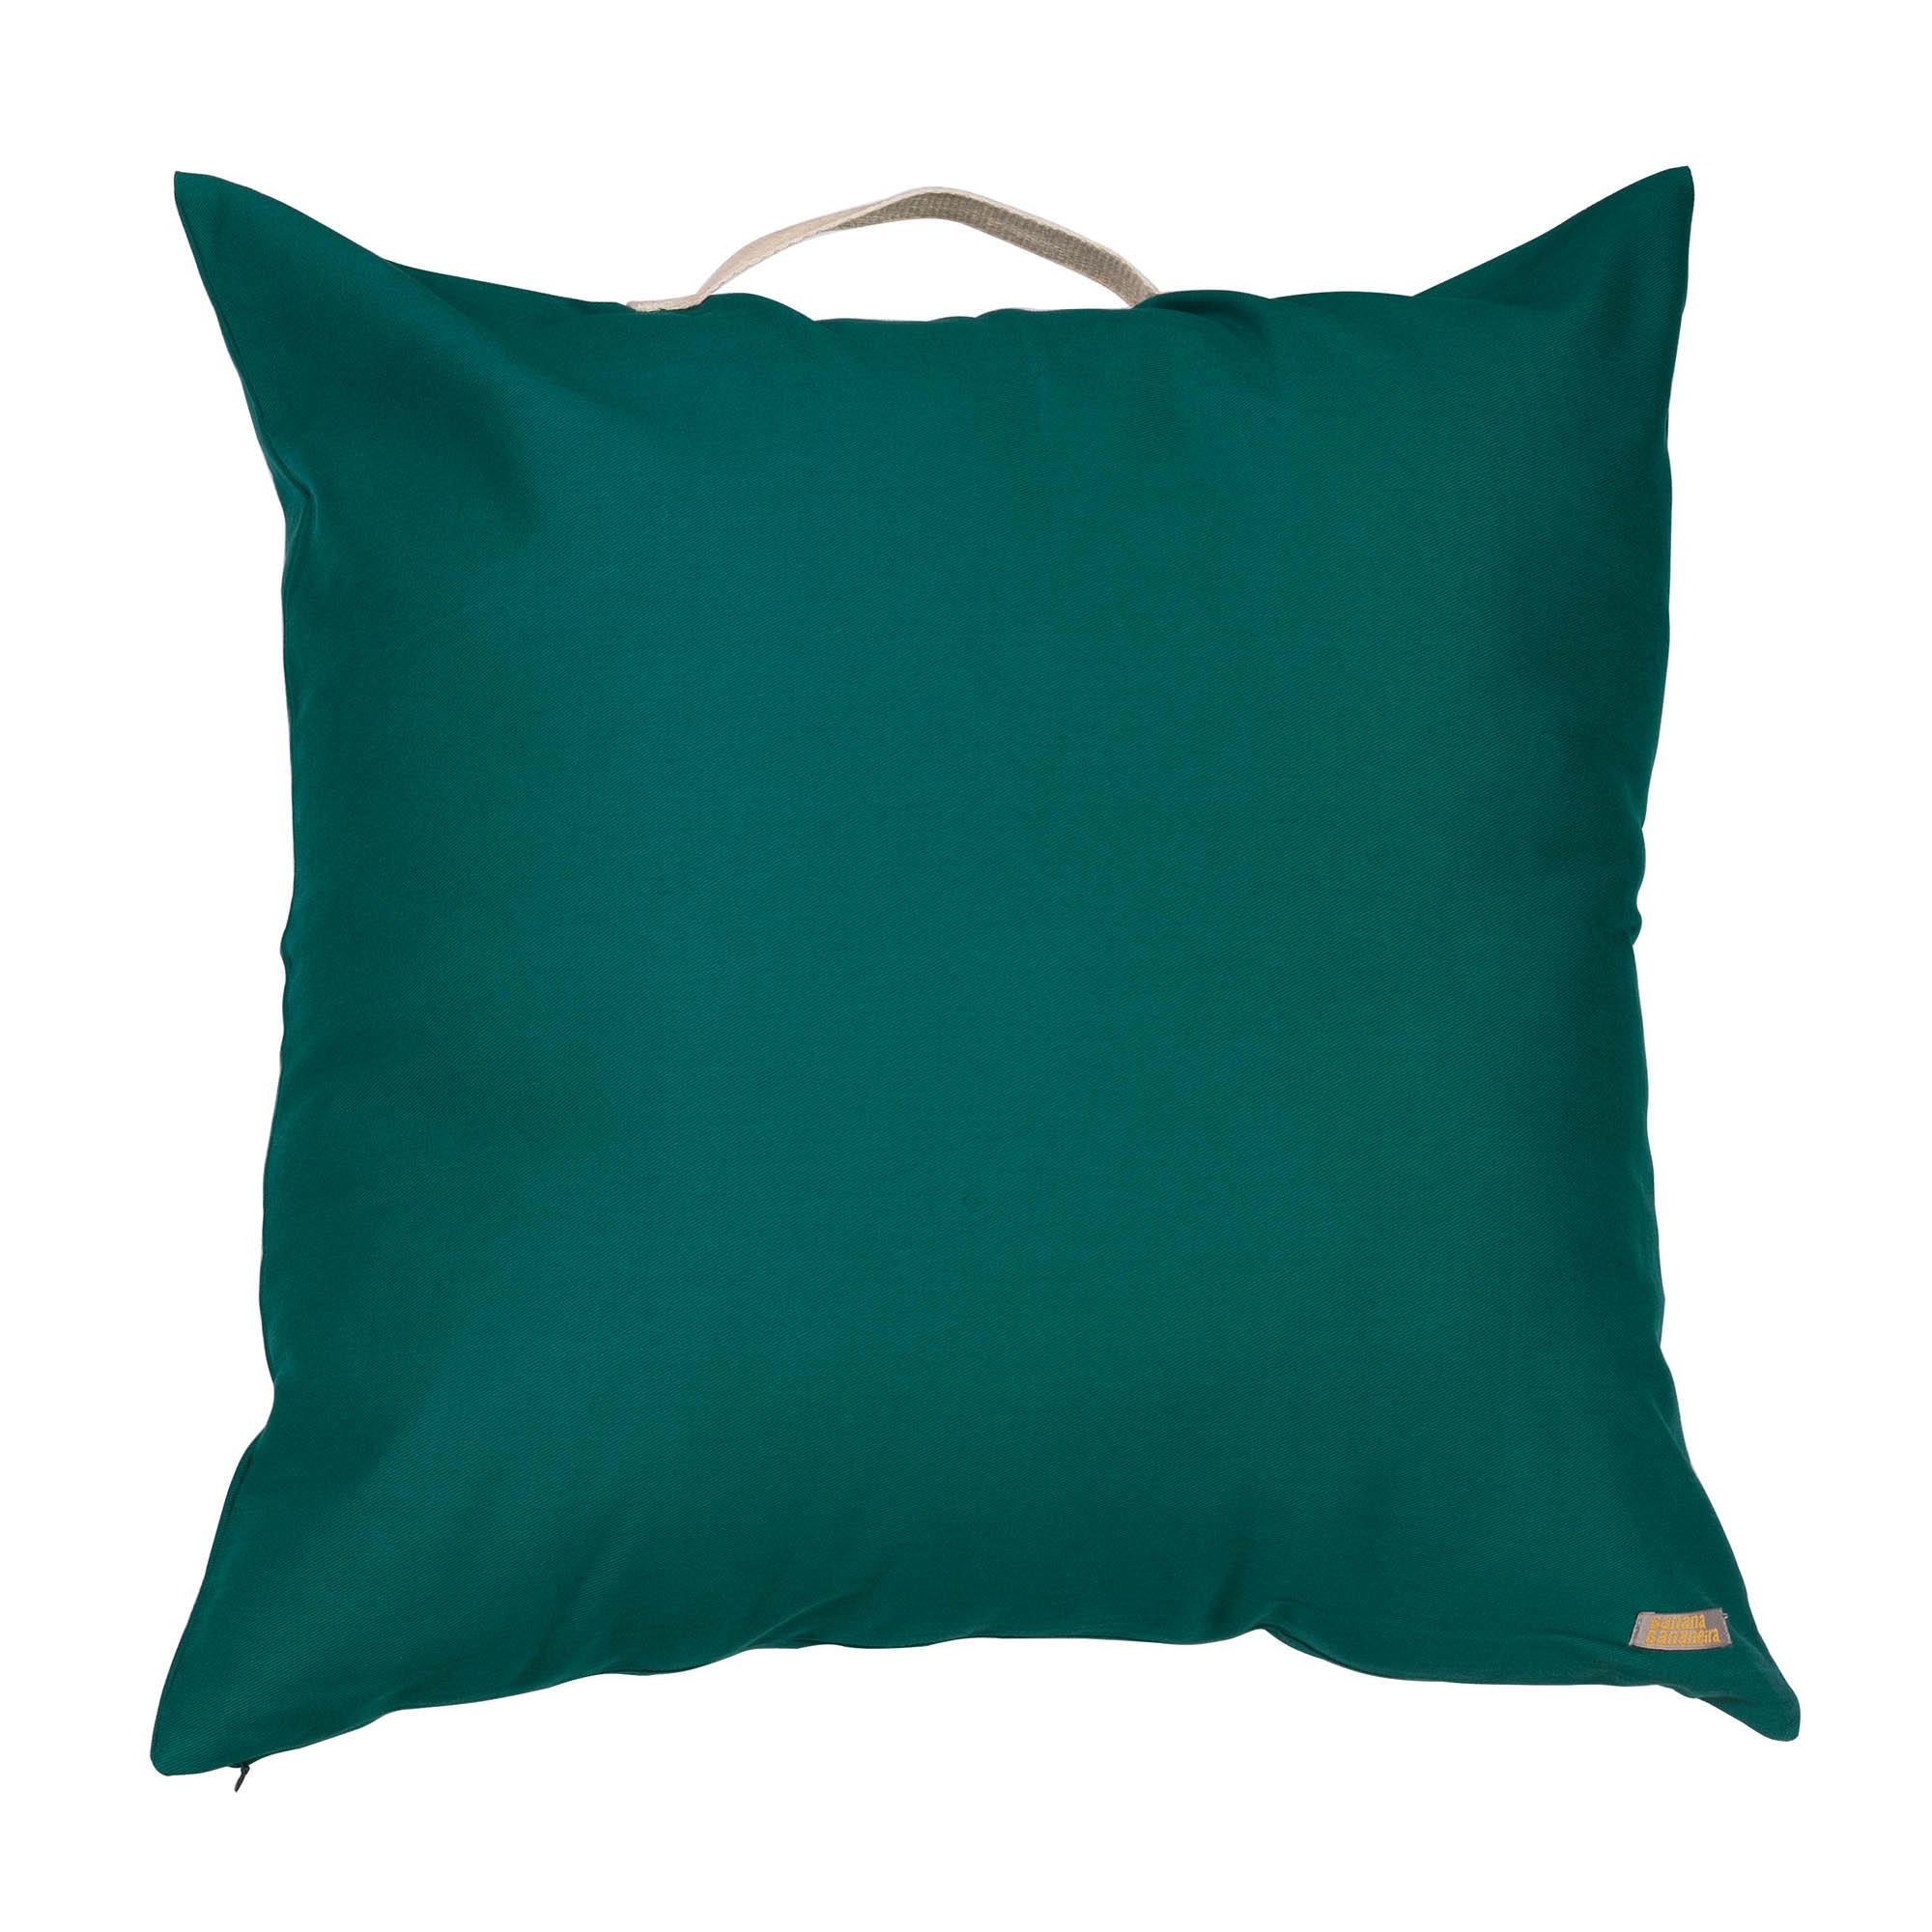 Almofadão pufe verde esmeralda